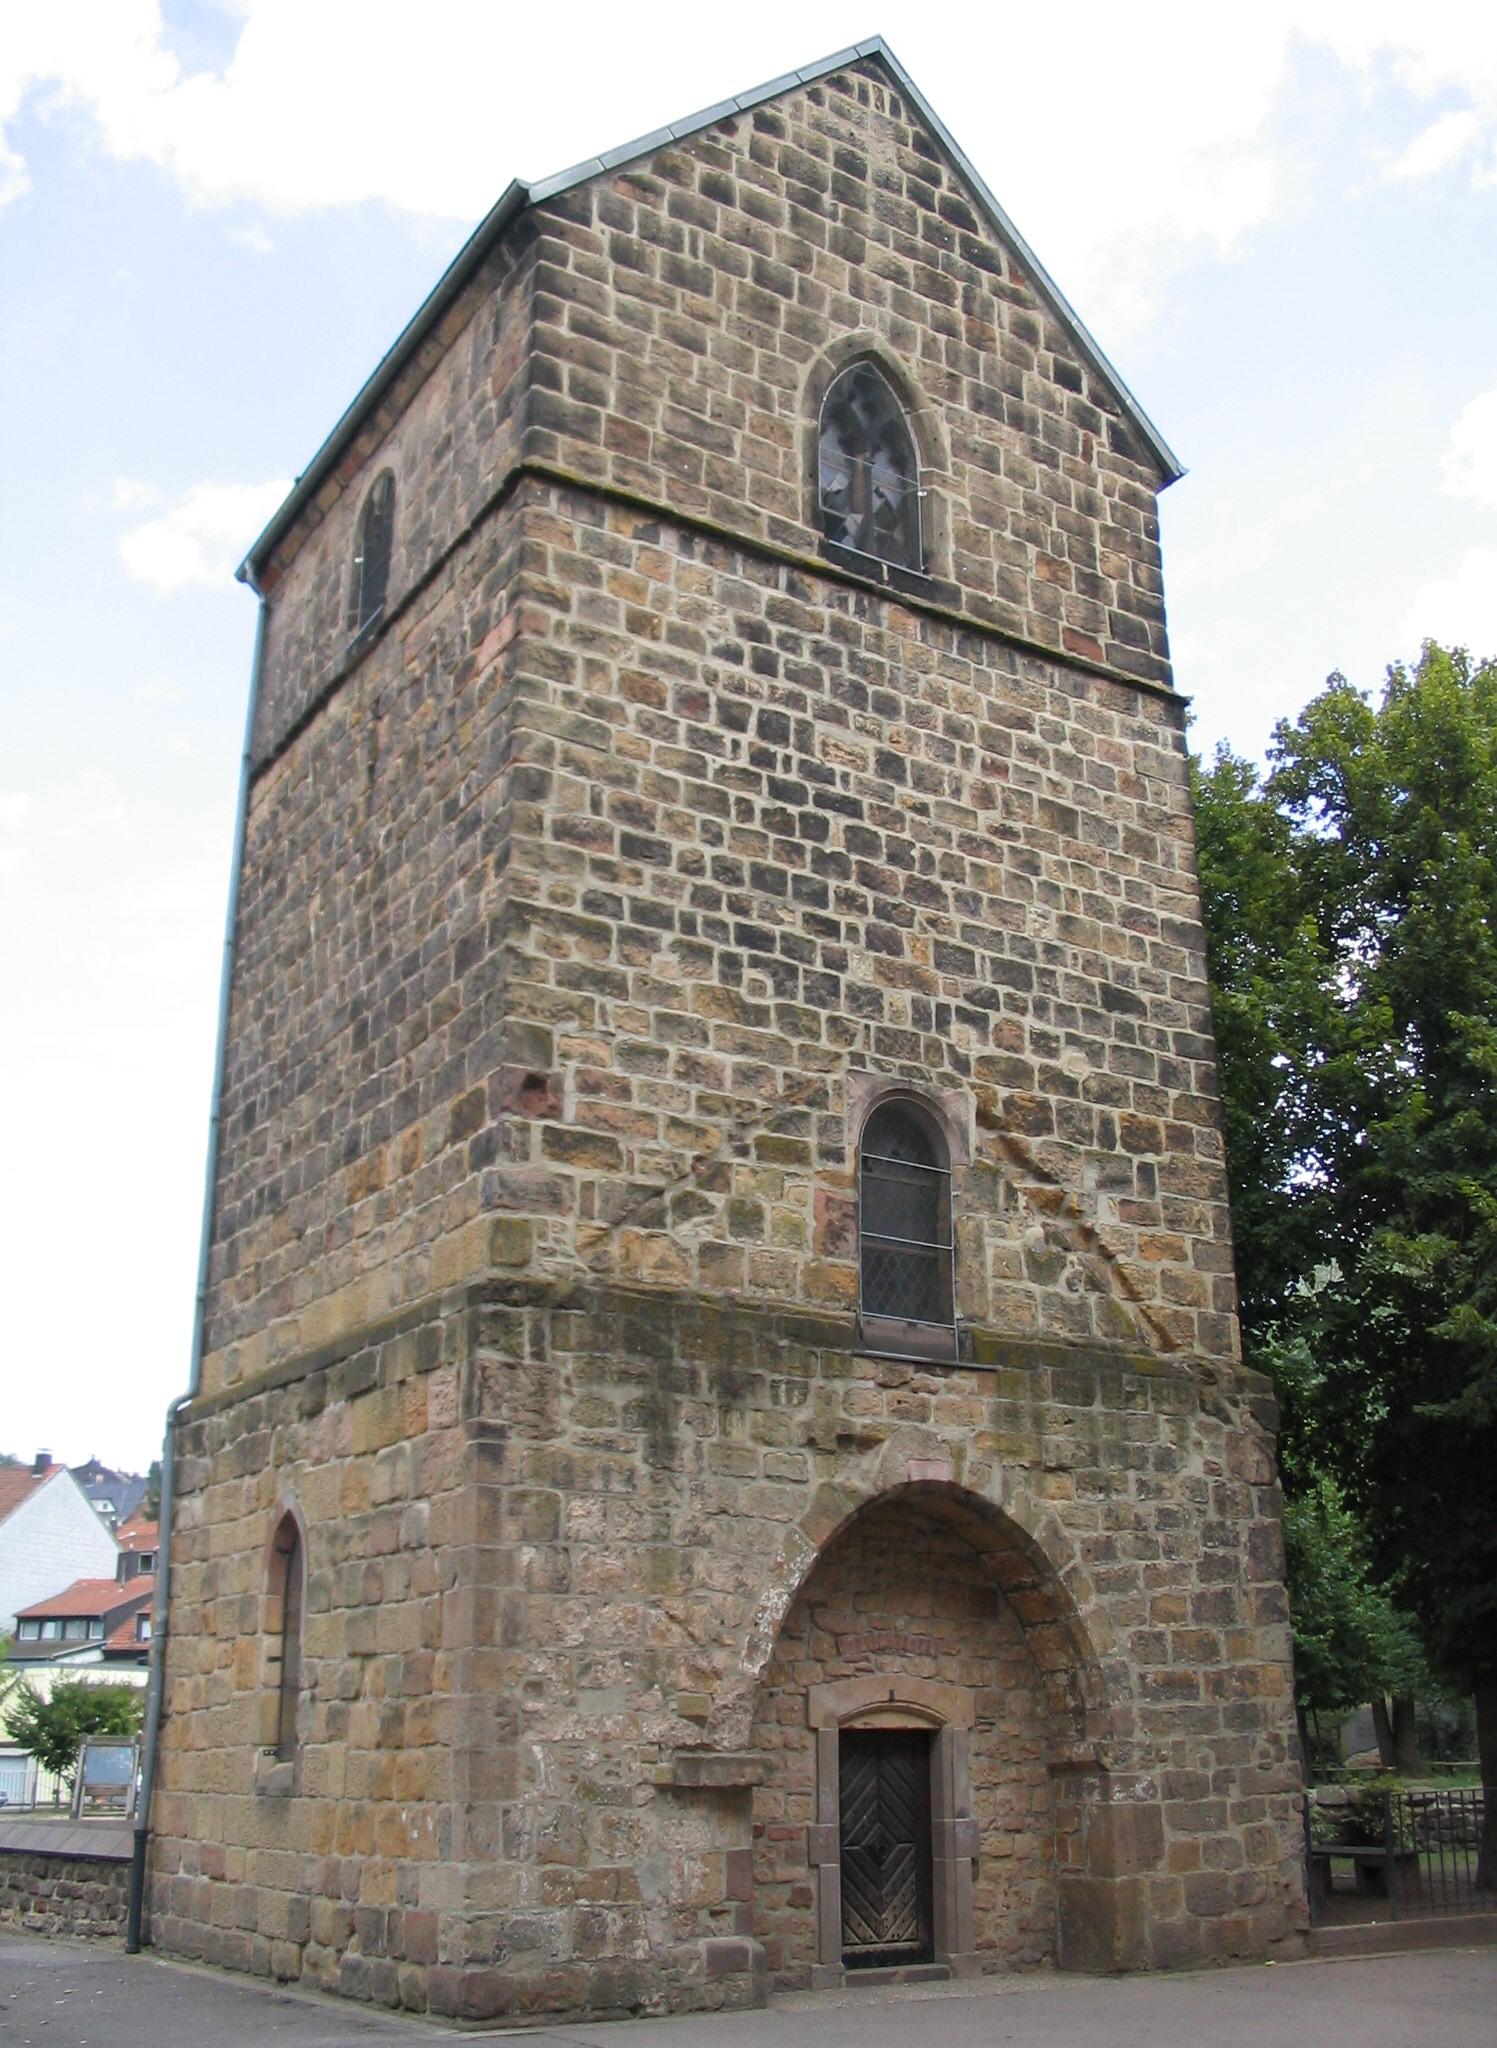 Bild von Saarbrücken: Alter Turm Dudweiler 01